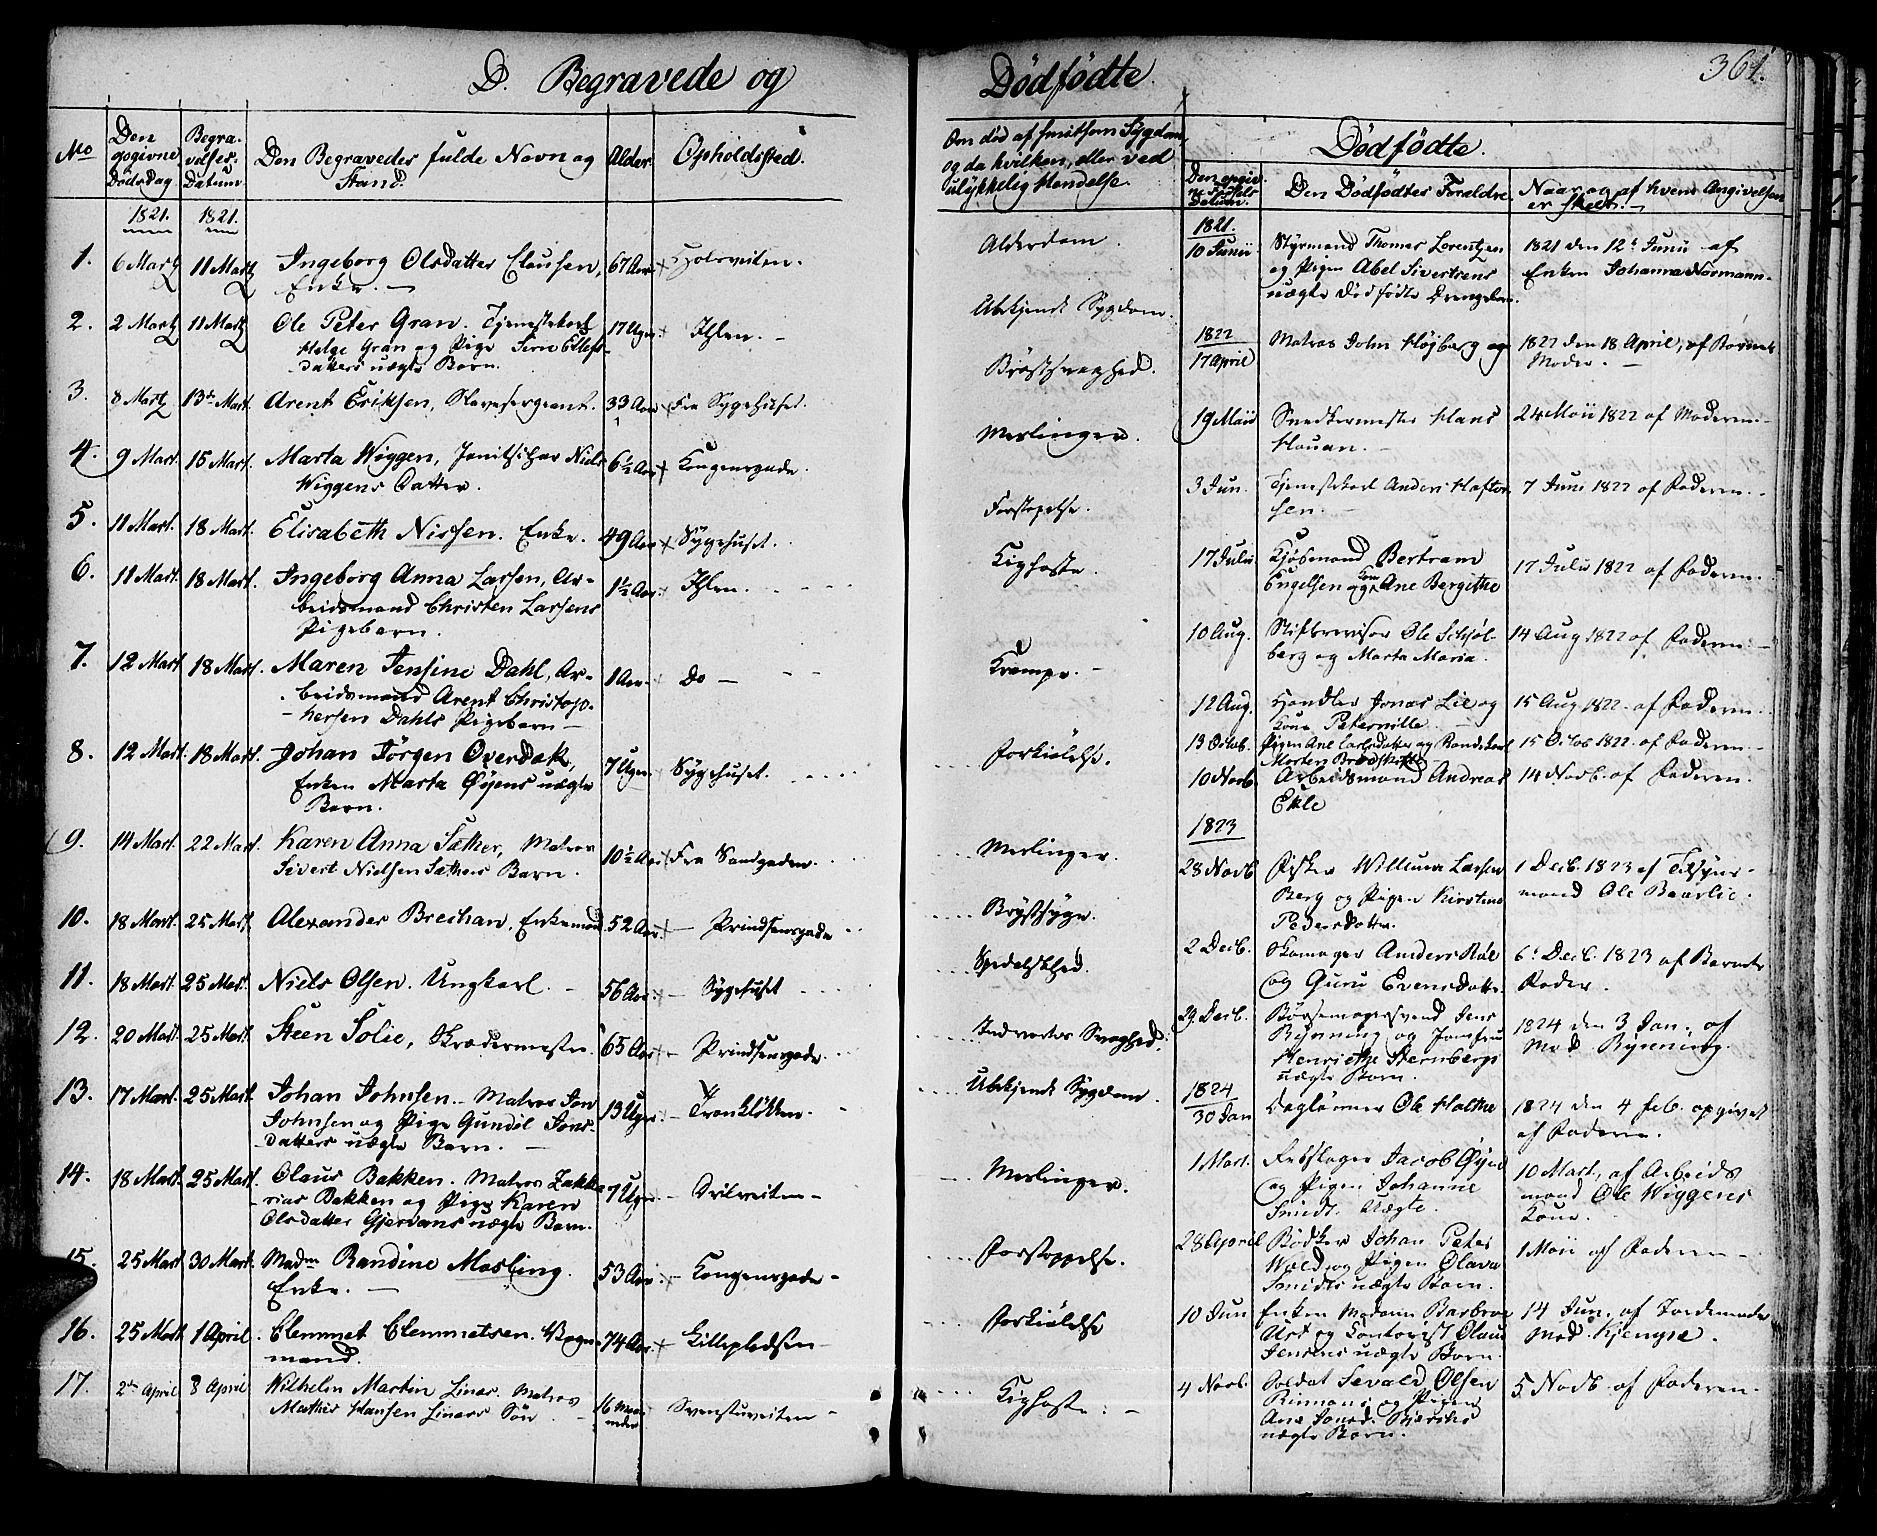 SAT, Ministerialprotokoller, klokkerbøker og fødselsregistre - Sør-Trøndelag, 601/L0045: Ministerialbok nr. 601A13, 1821-1831, s. 361